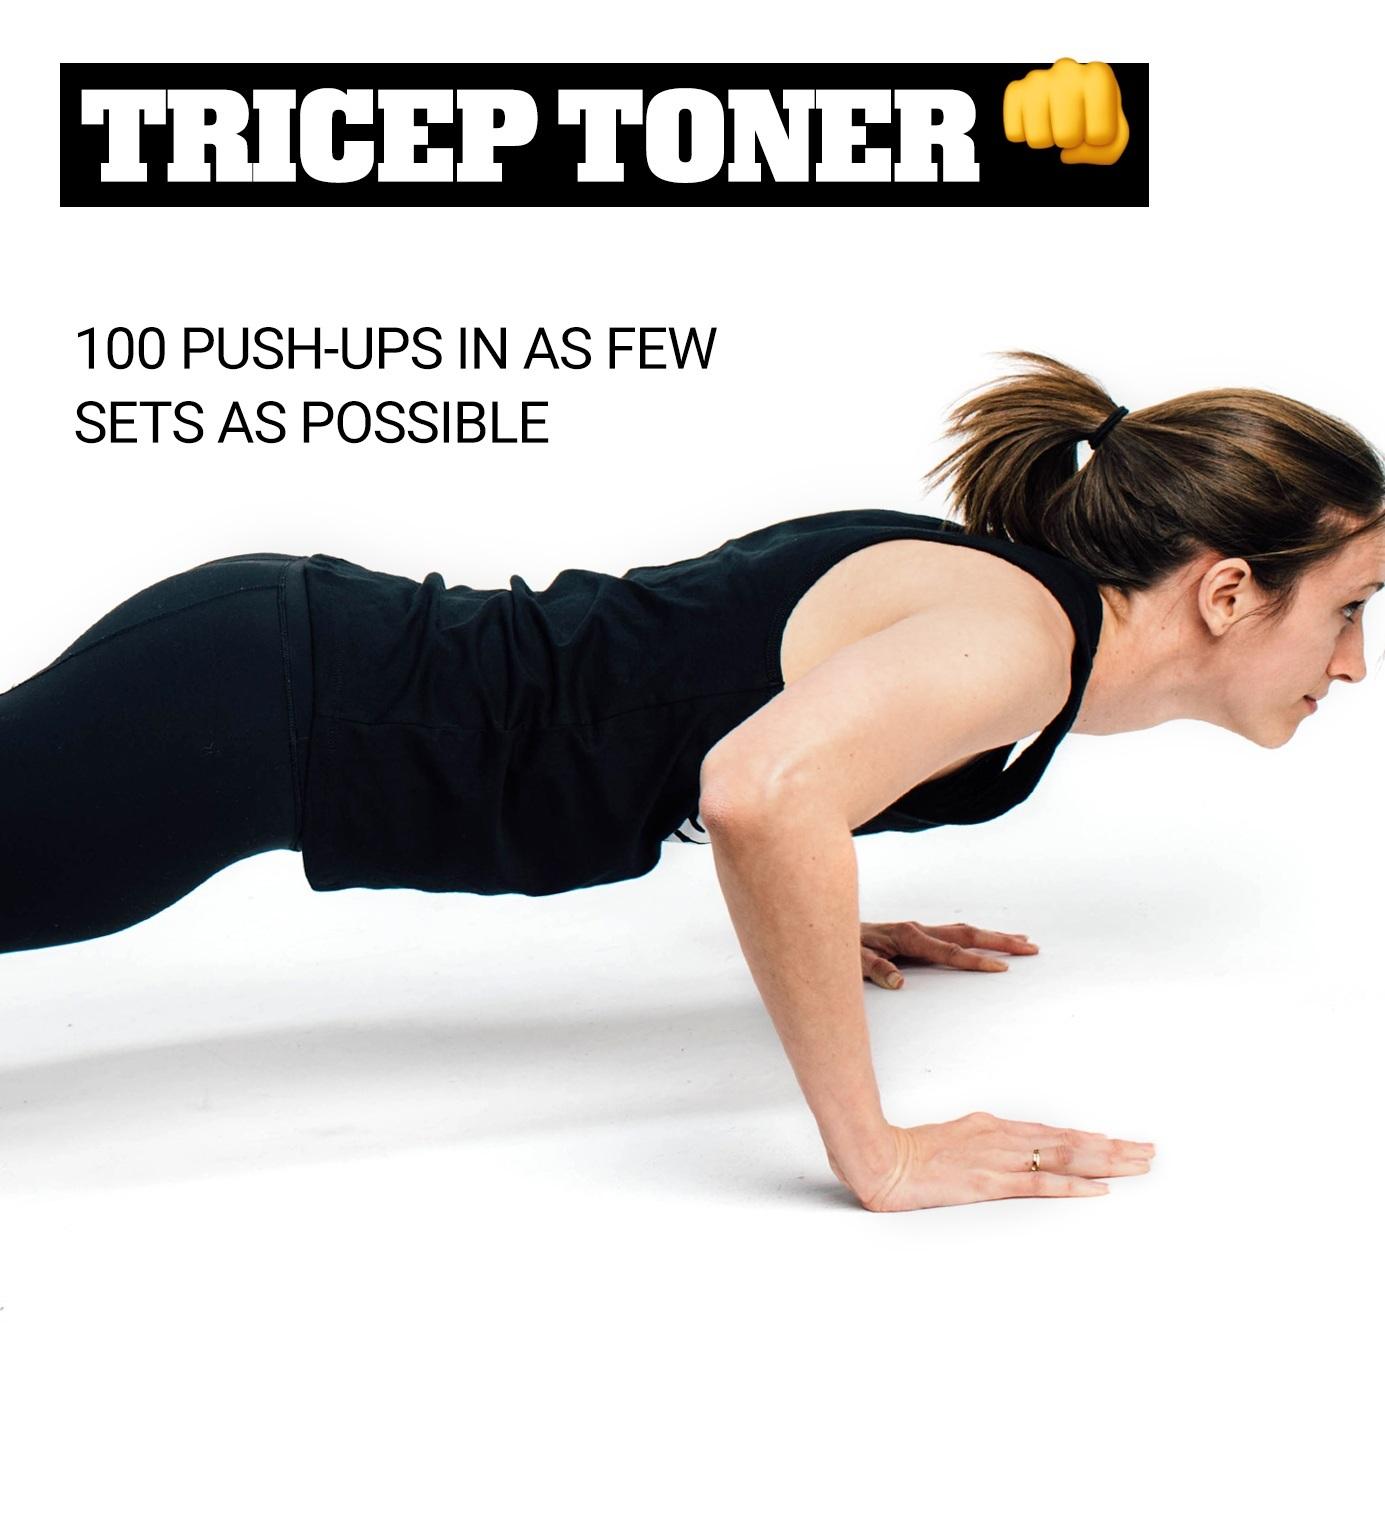 Tricep Toner